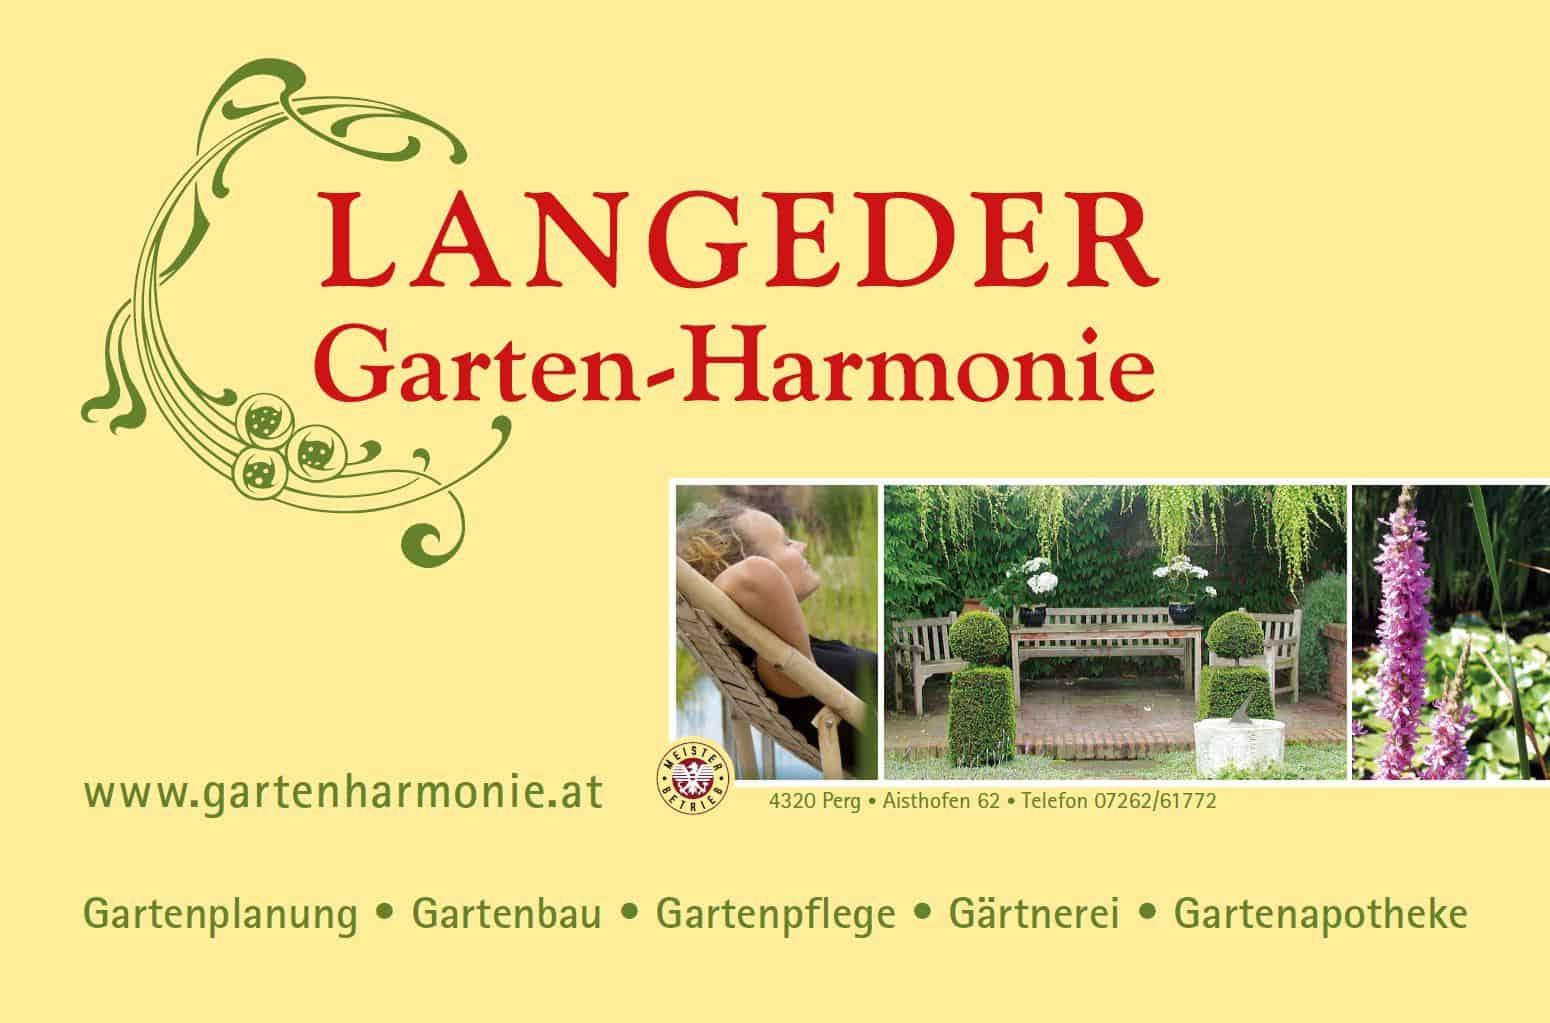 Garten-Harmonie Langeder